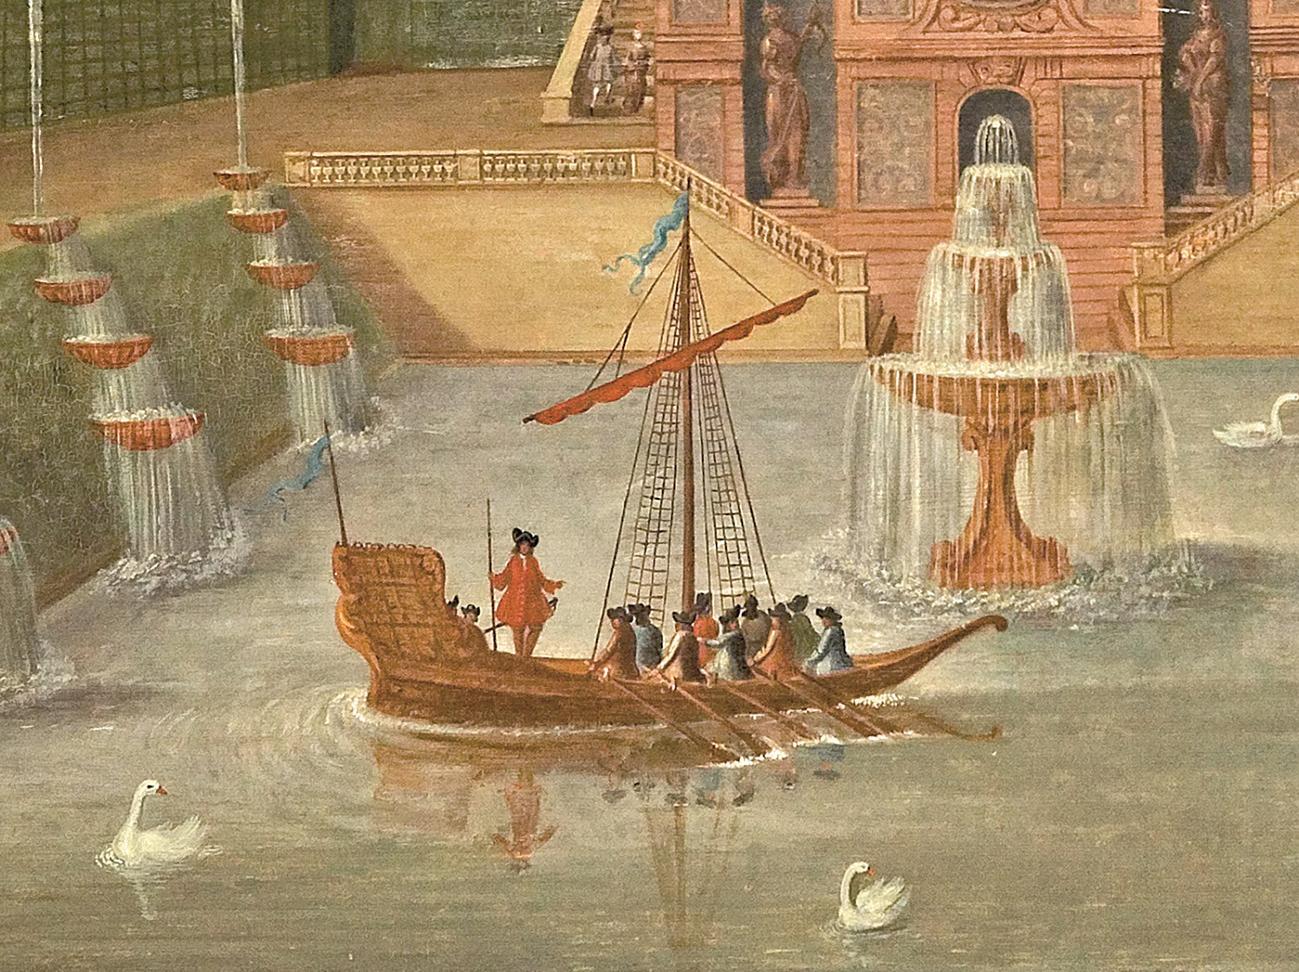 Bassin mit Wasserkunst, Lambrisbild, um 1710, nach französischer Stichvorlage, im Rittersaal von Schloss Weikersheim (c) Schlösser und Gärten Baden-Württemberg, Foto: Arnim Weischer